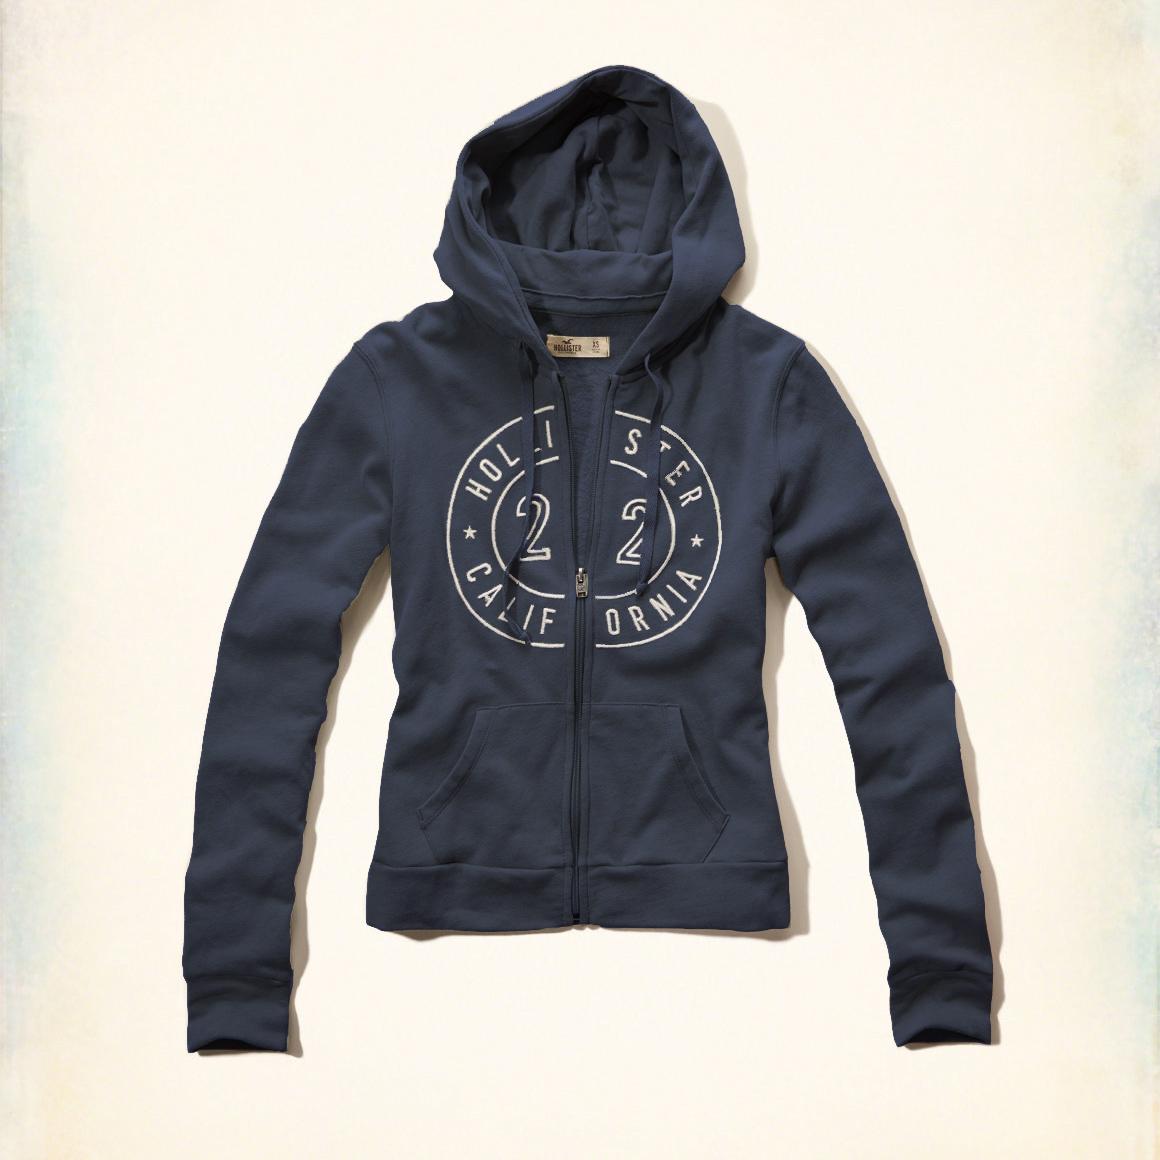 美國百分百【全新真品】Hollister Co. 外套 HCO 連帽 長袖 夾克 海鷗 刷毛 深藍色 女 特價 XS S M號 F822